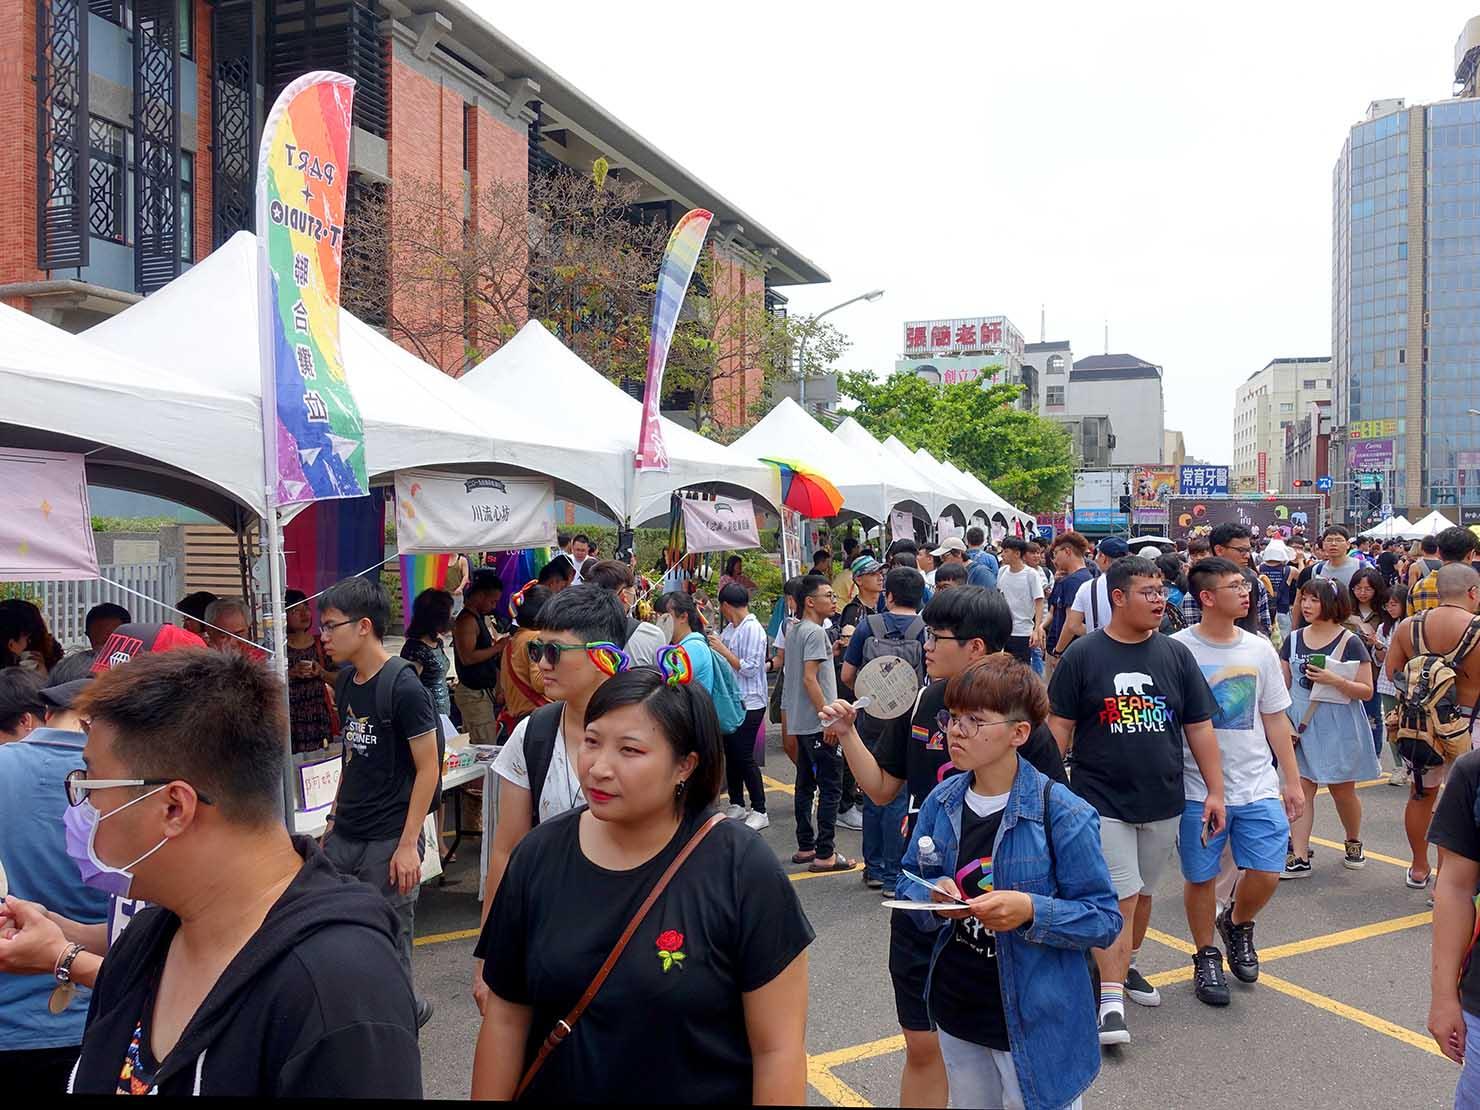 台南彩虹遊行(台南レインボーパレード)2019の会場